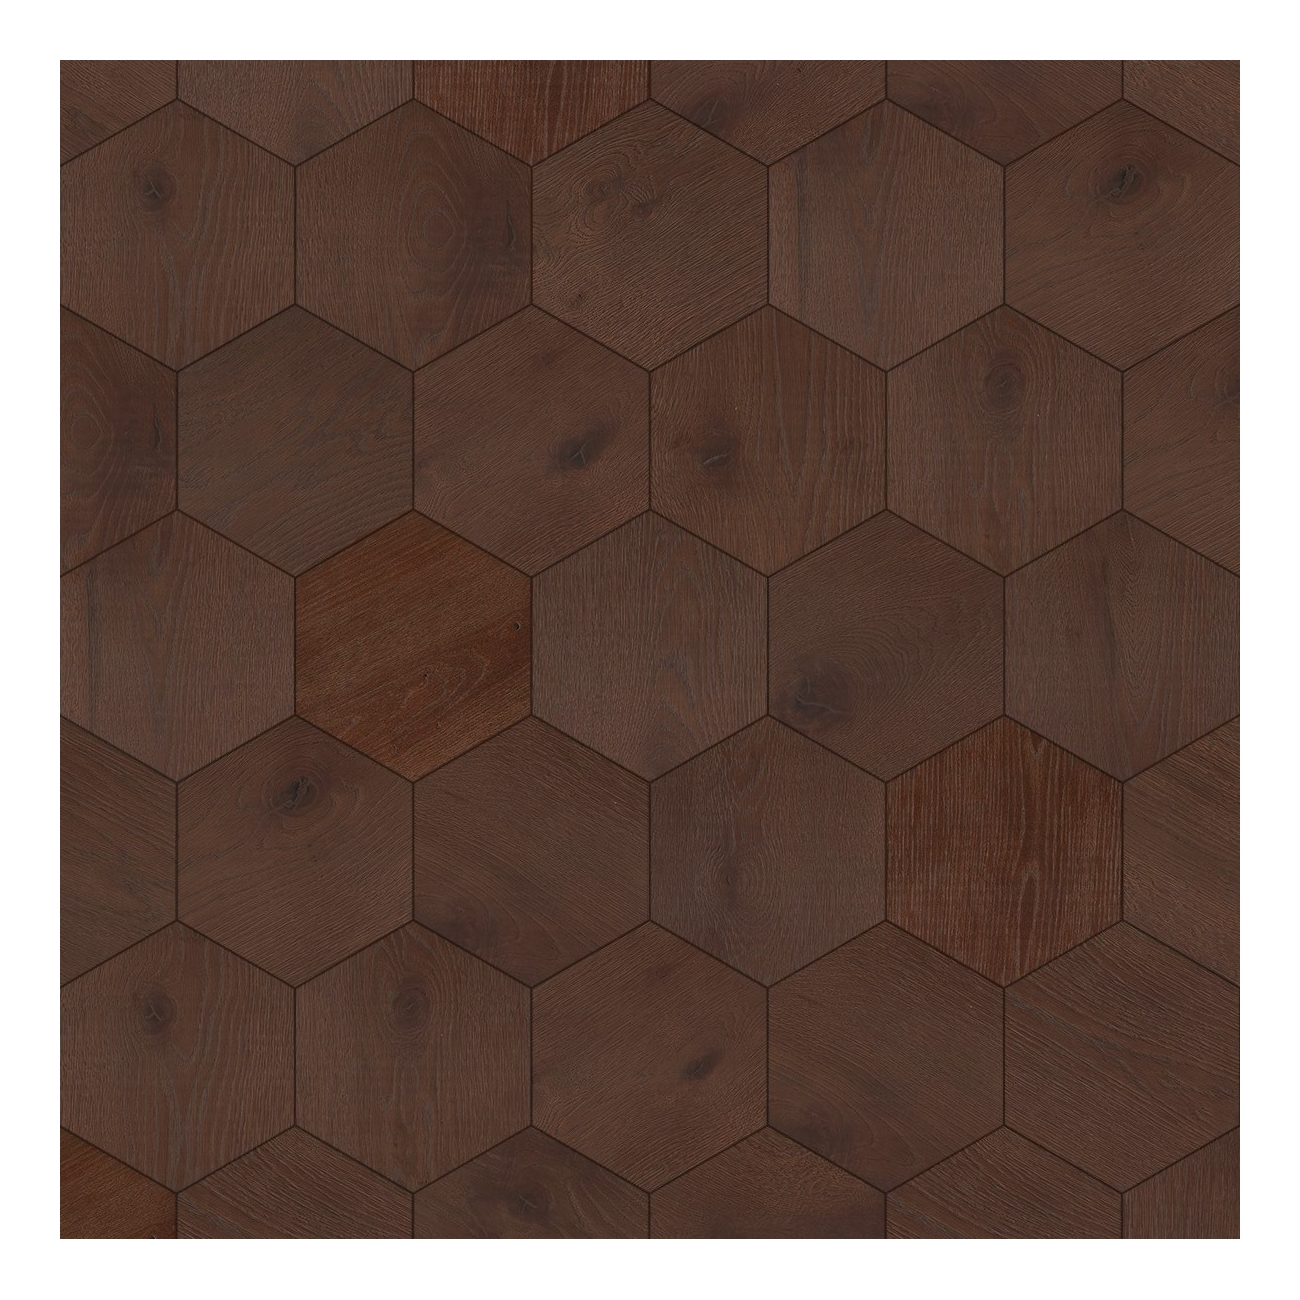 Bisazza Wood Esagono Cuoio (E) 202X223